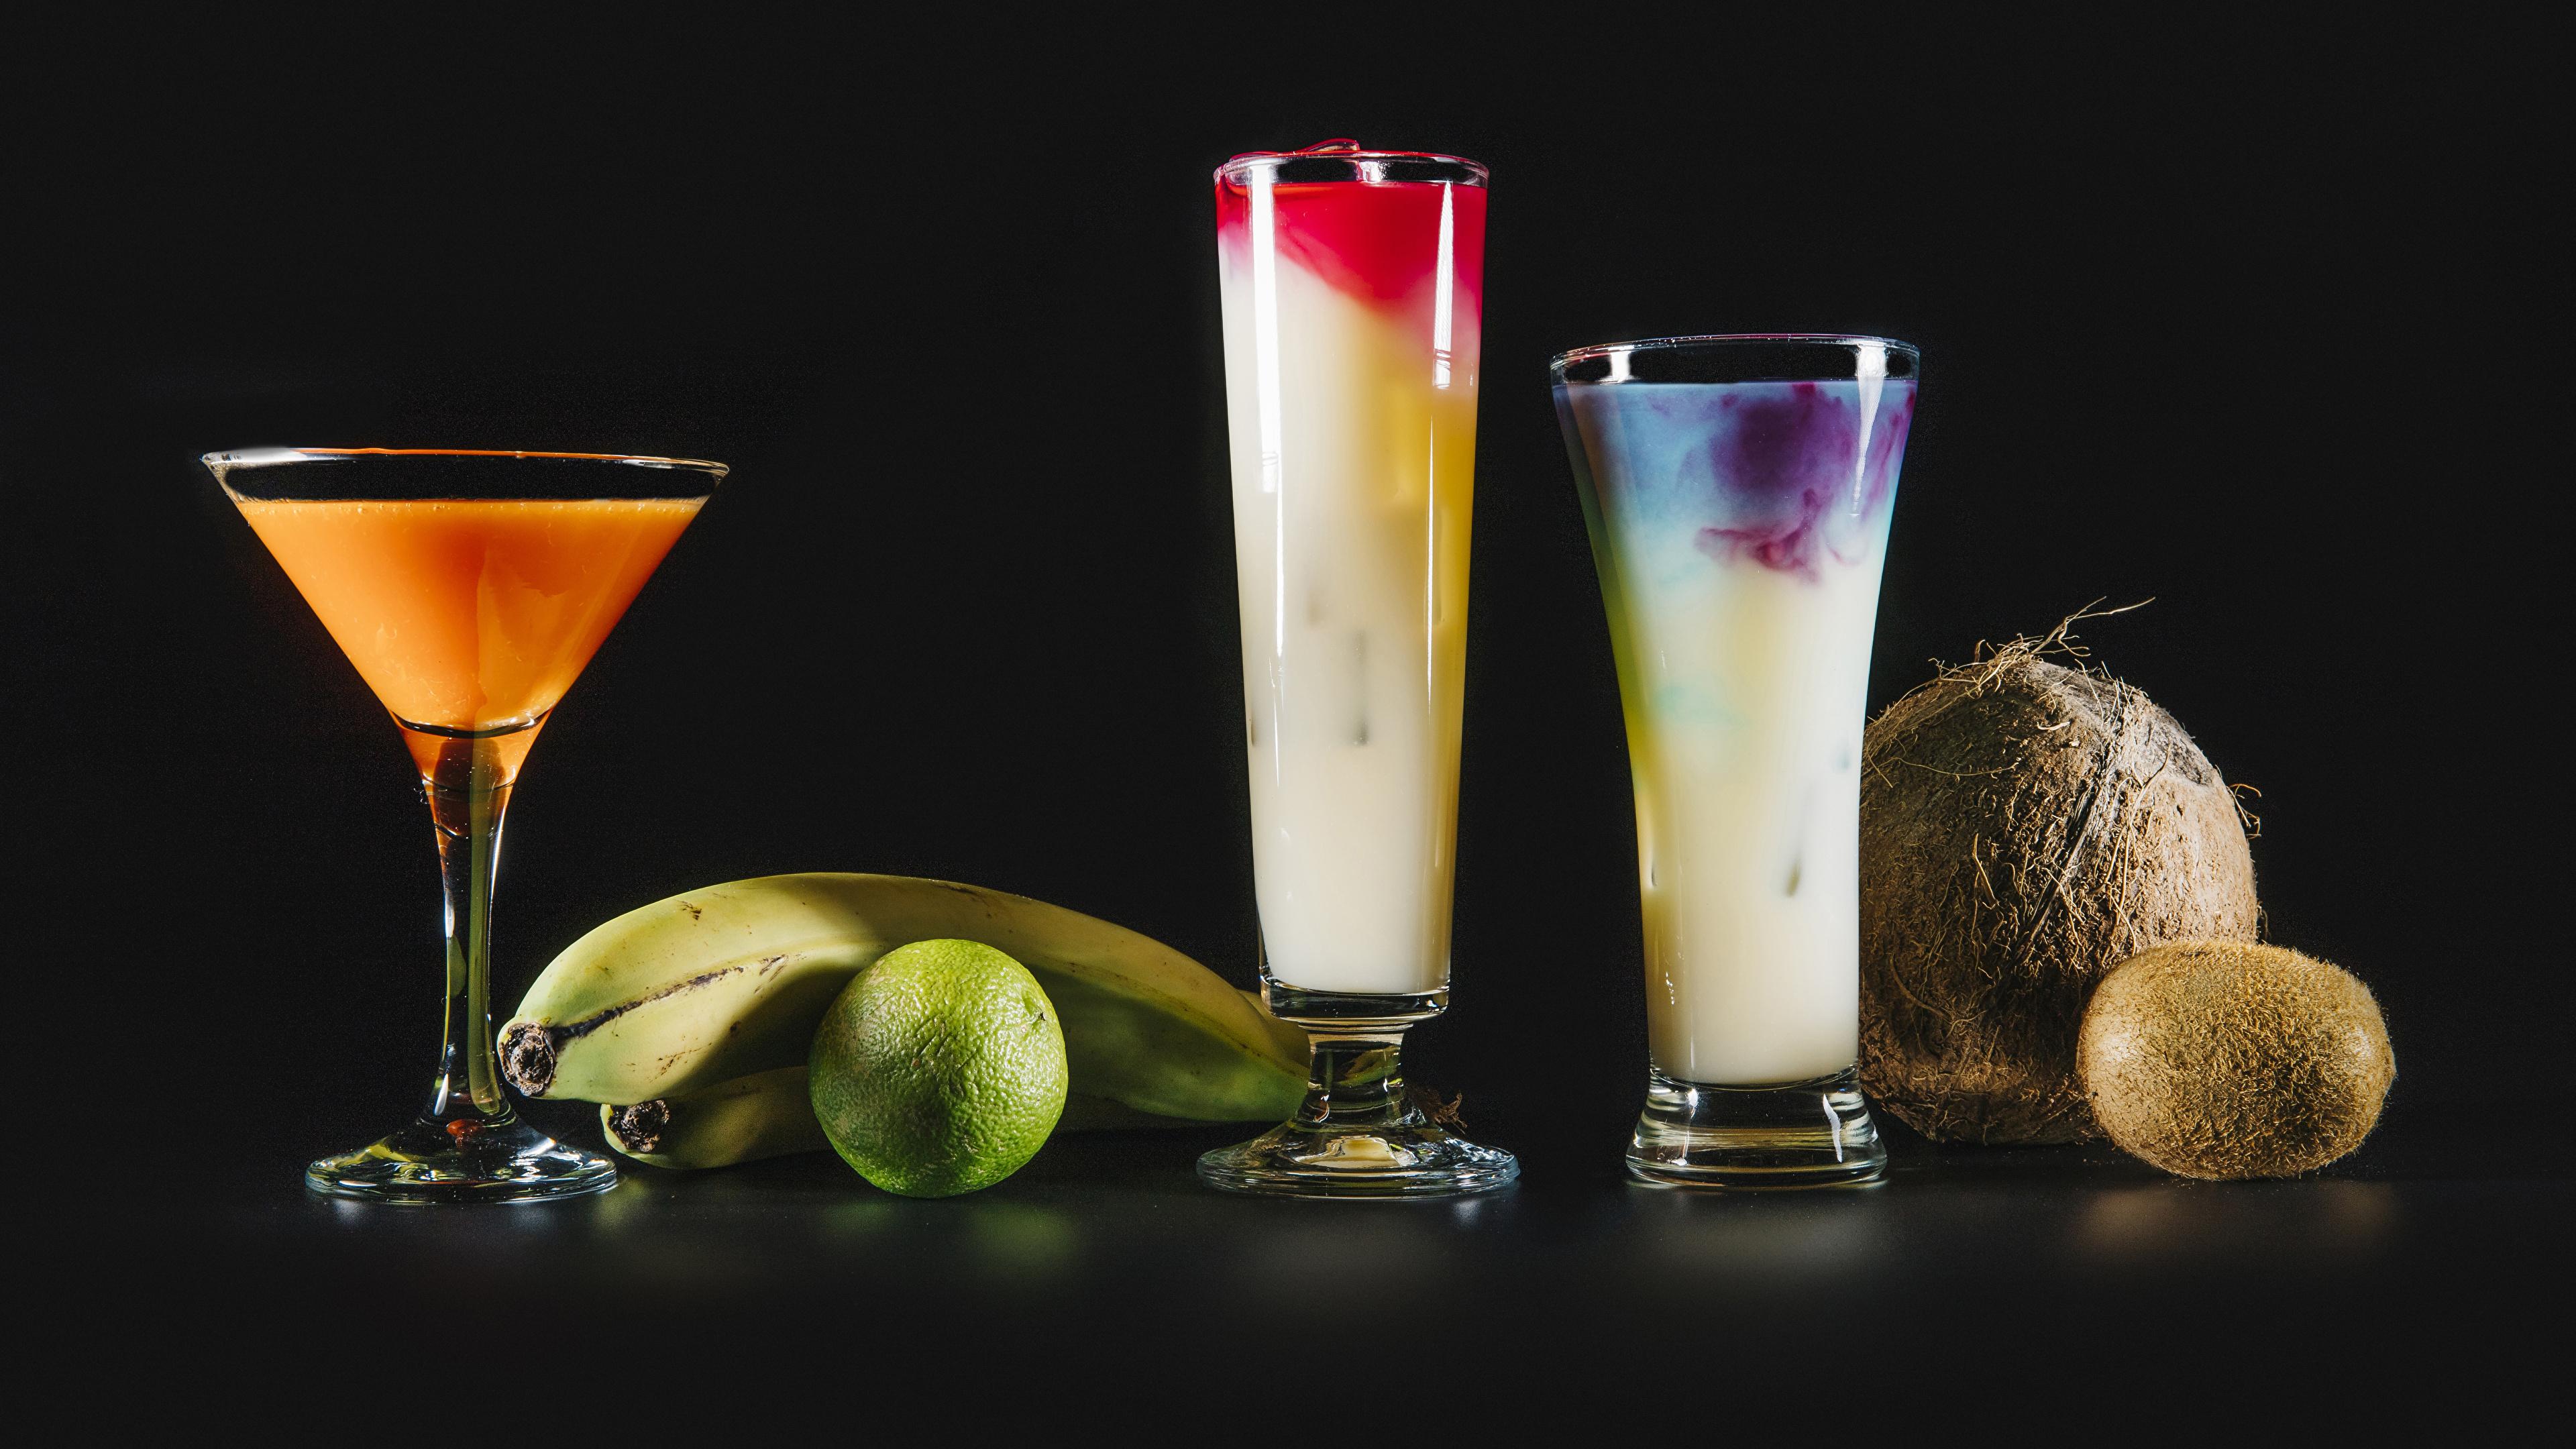 Картинки Лайм Киви Стакан Кокосы Бананы Коктейль Продукты питания Черный фон 3840x2160 стакана стакане Еда Пища